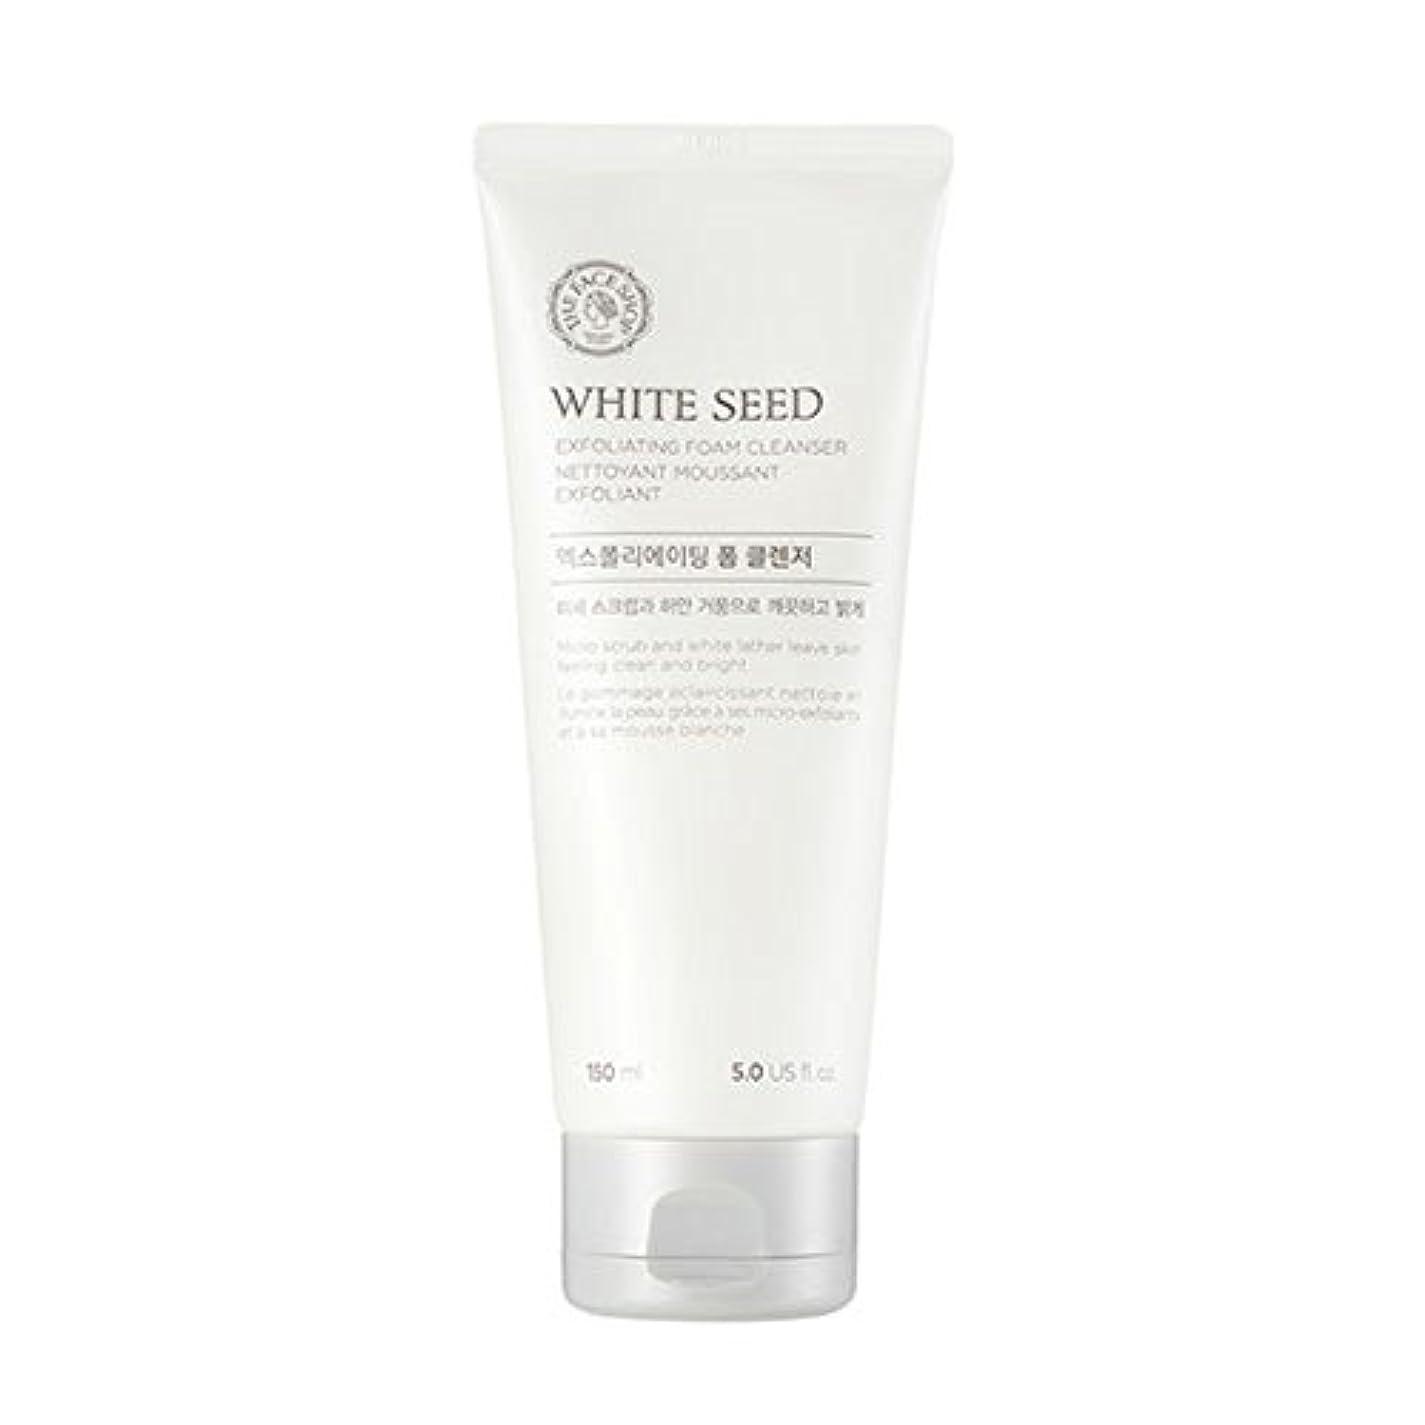 である学習者マイコン[ザフェイスショップ] The Face Shop ホワイトシードエクスフォリエイティングクレンザー(150ml) The Face Shop White Seed Exfoliating Foam Cleanser(150ml...